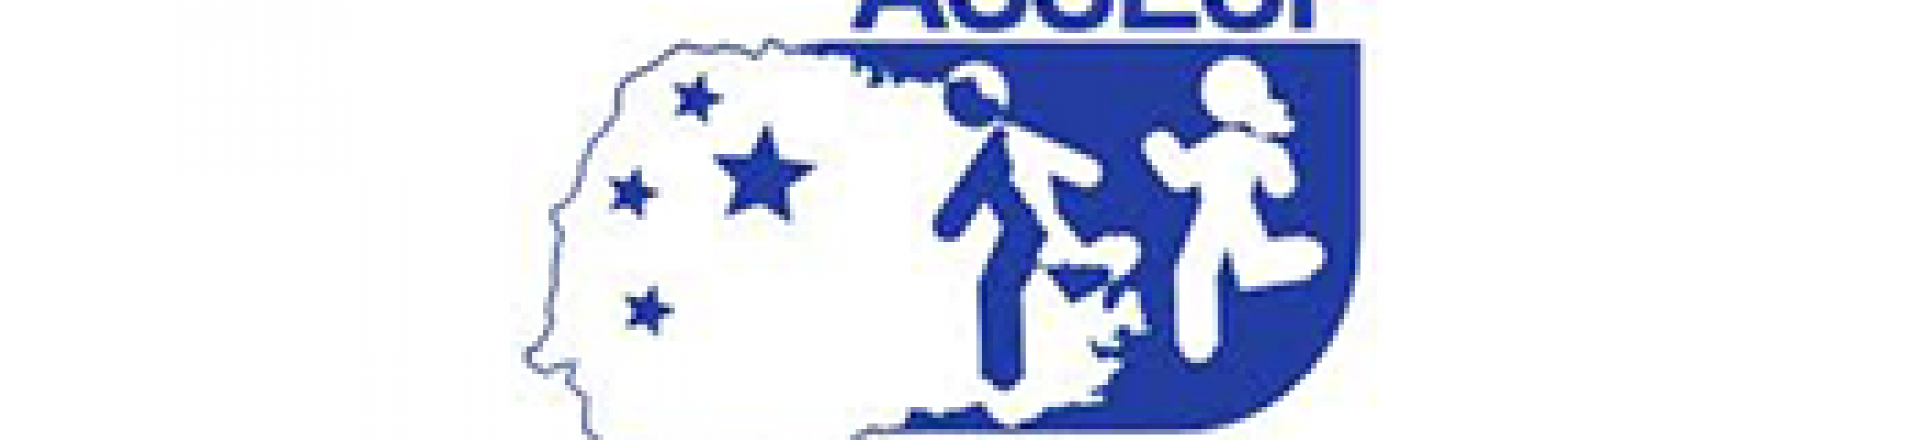 ASSESF - Associação dos Servidores do SESC, SENAC e FECOMERCIO PR